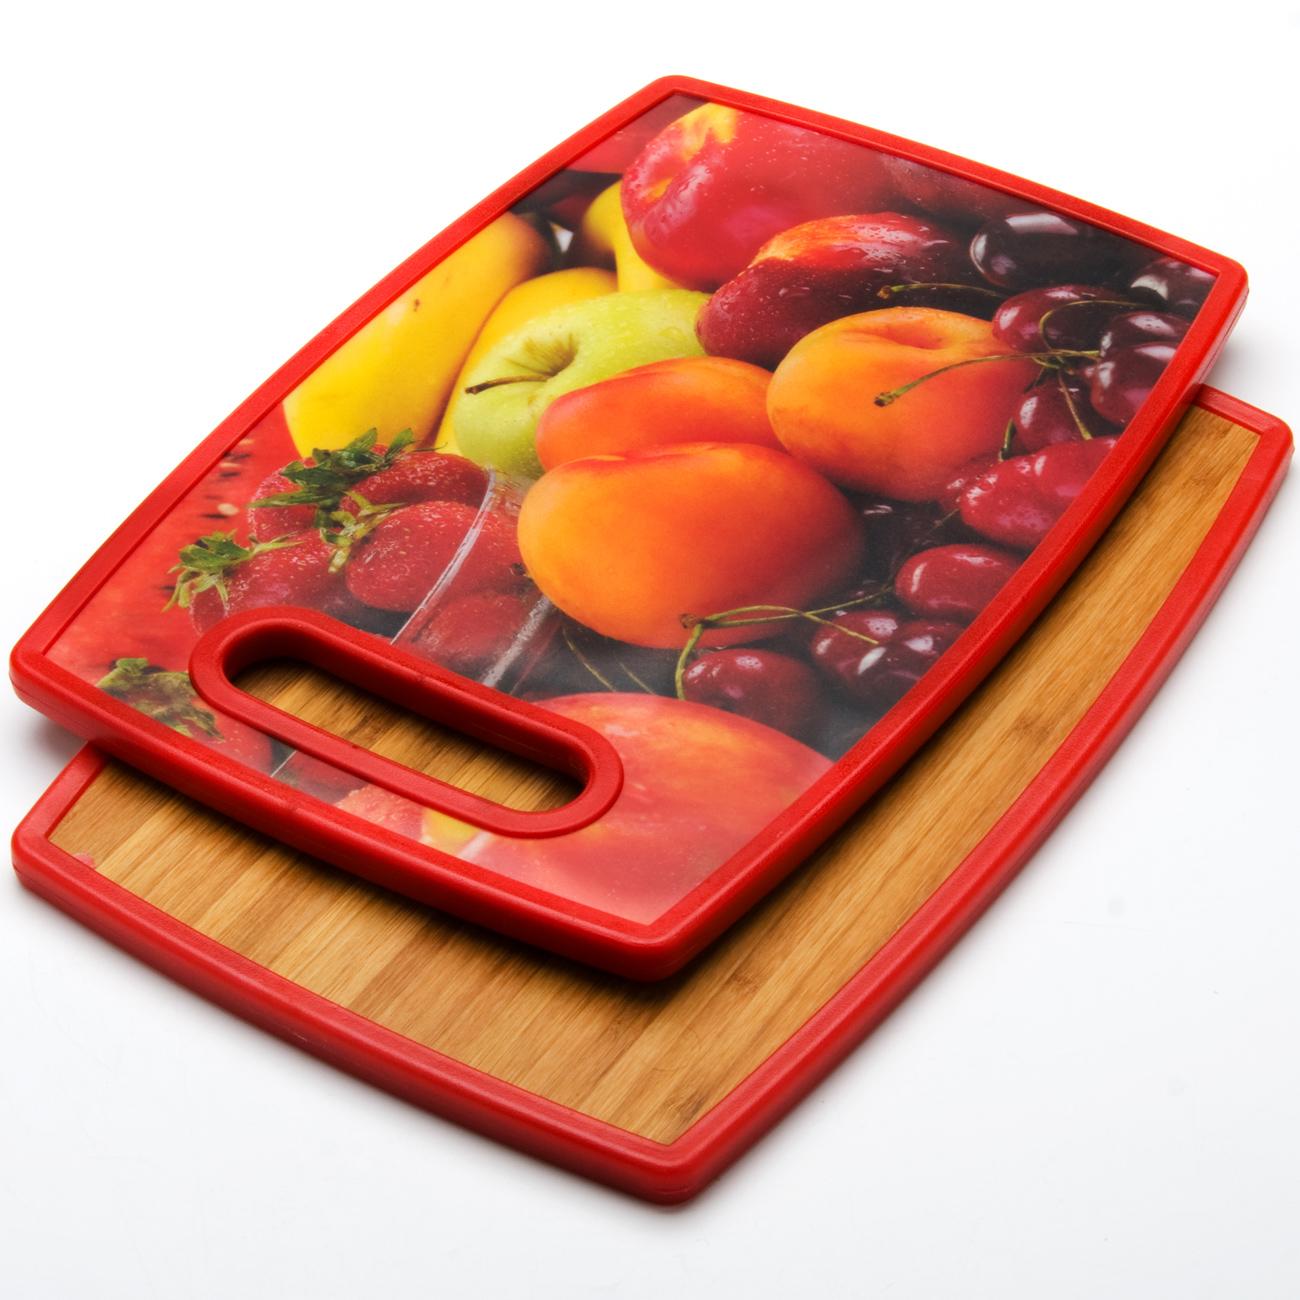 Доска разделочная Mayer & Boch, 37 х 23 х 1,2 см. 24157-4241574-4_кивиКухонная прямоугольная двусторонняя разделочная доска изготовлена из бамбука и пластика. Яркая сторона с рисунком - это антибактериальное пластиковое покрытие с декором, вторая сторона доски из бамбука - экологичный натуральный материал. Идеальна для резки керамическим ножом.Размер: 37 х 23 х 1,2 см.